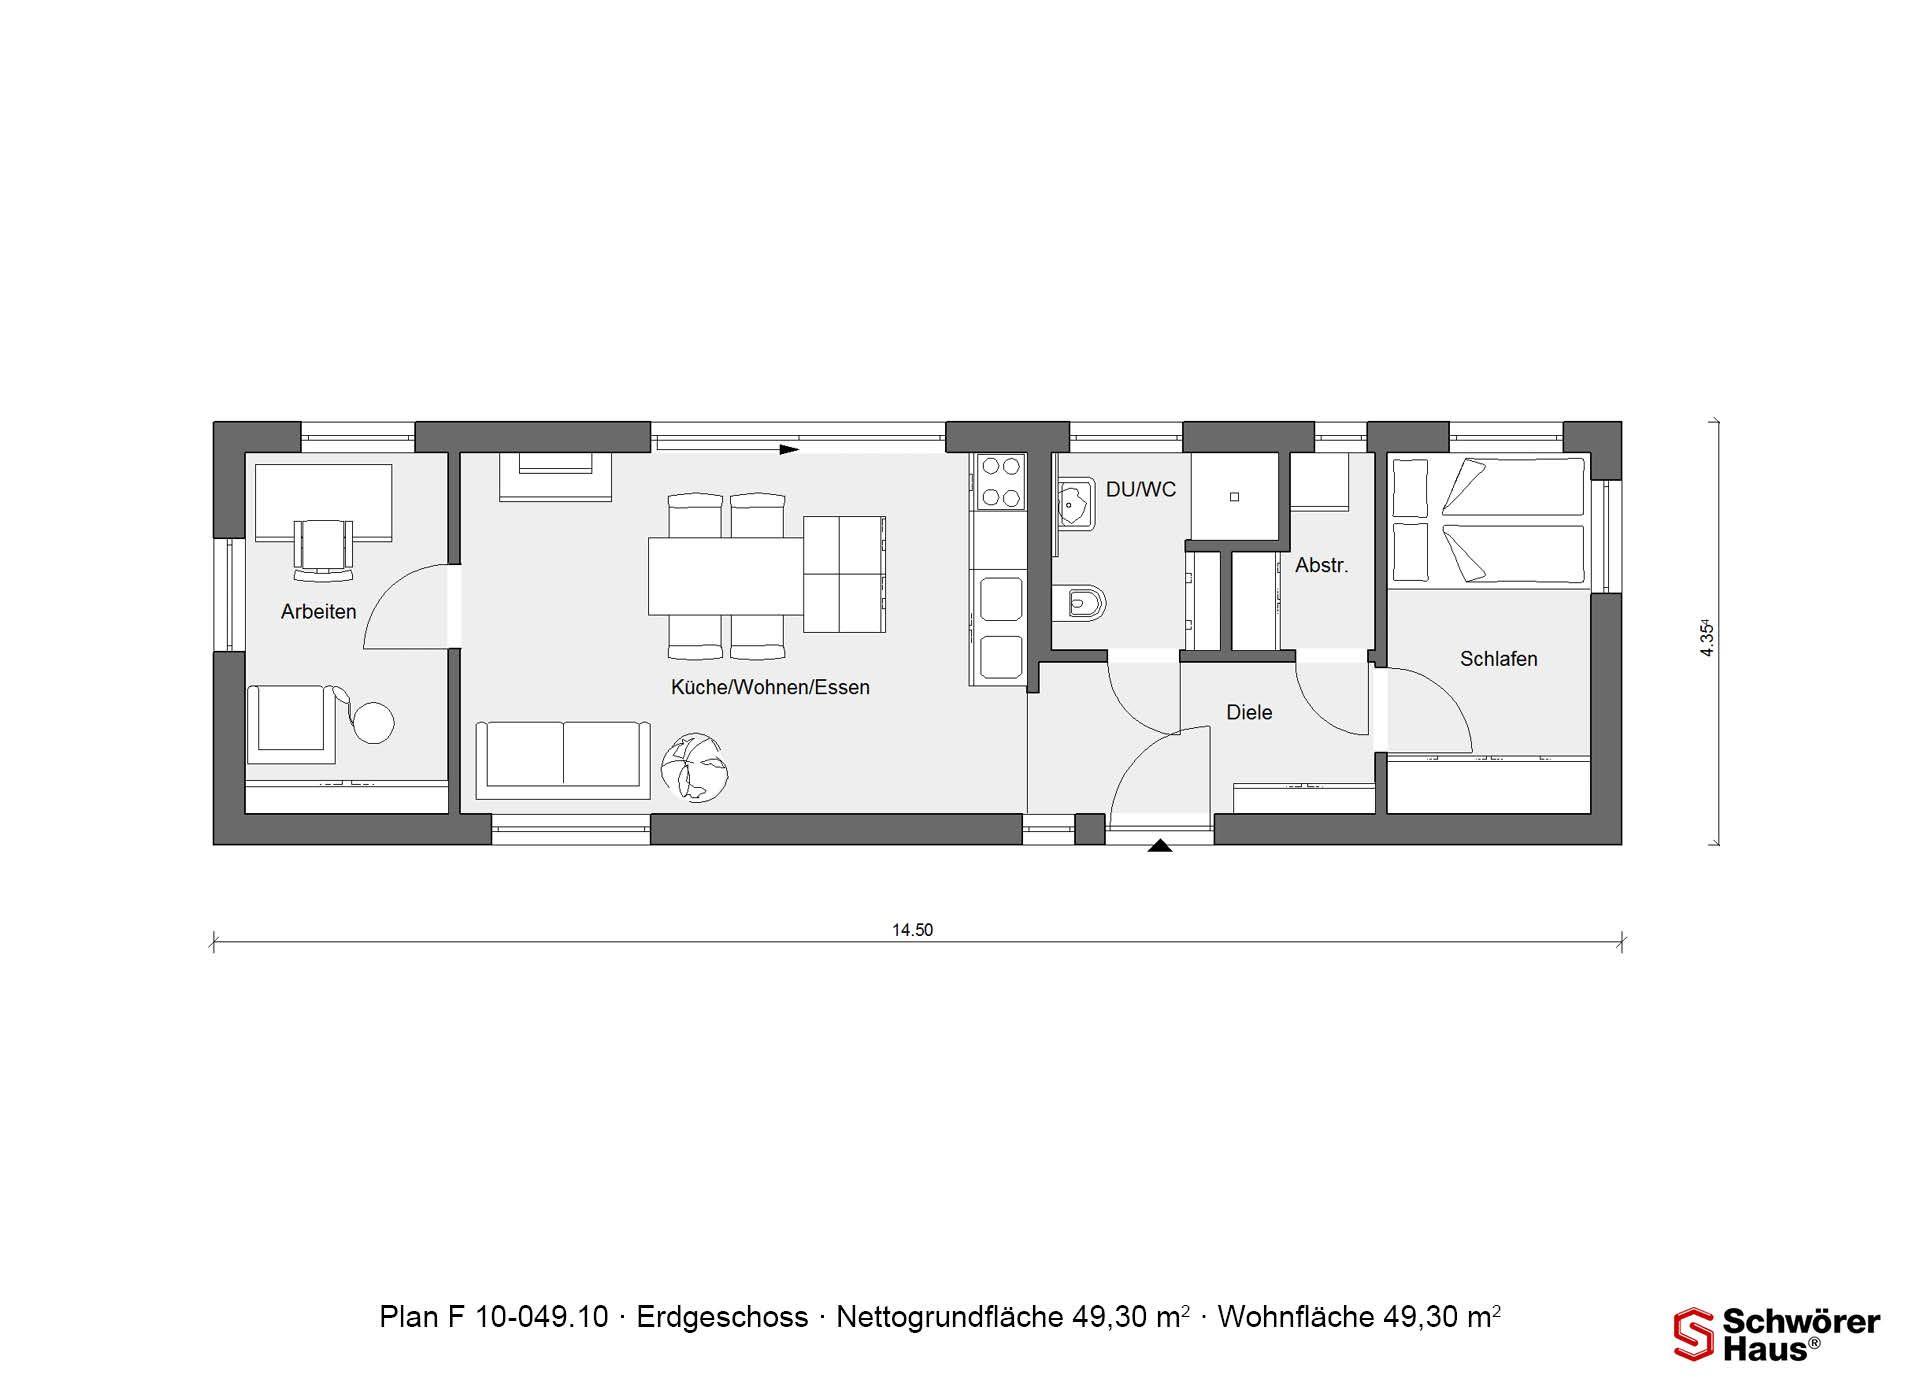 Berühmt Grundriss Erdgeschoss FlyingSpace E 10-049.10 Minihaus | tru homes EY53